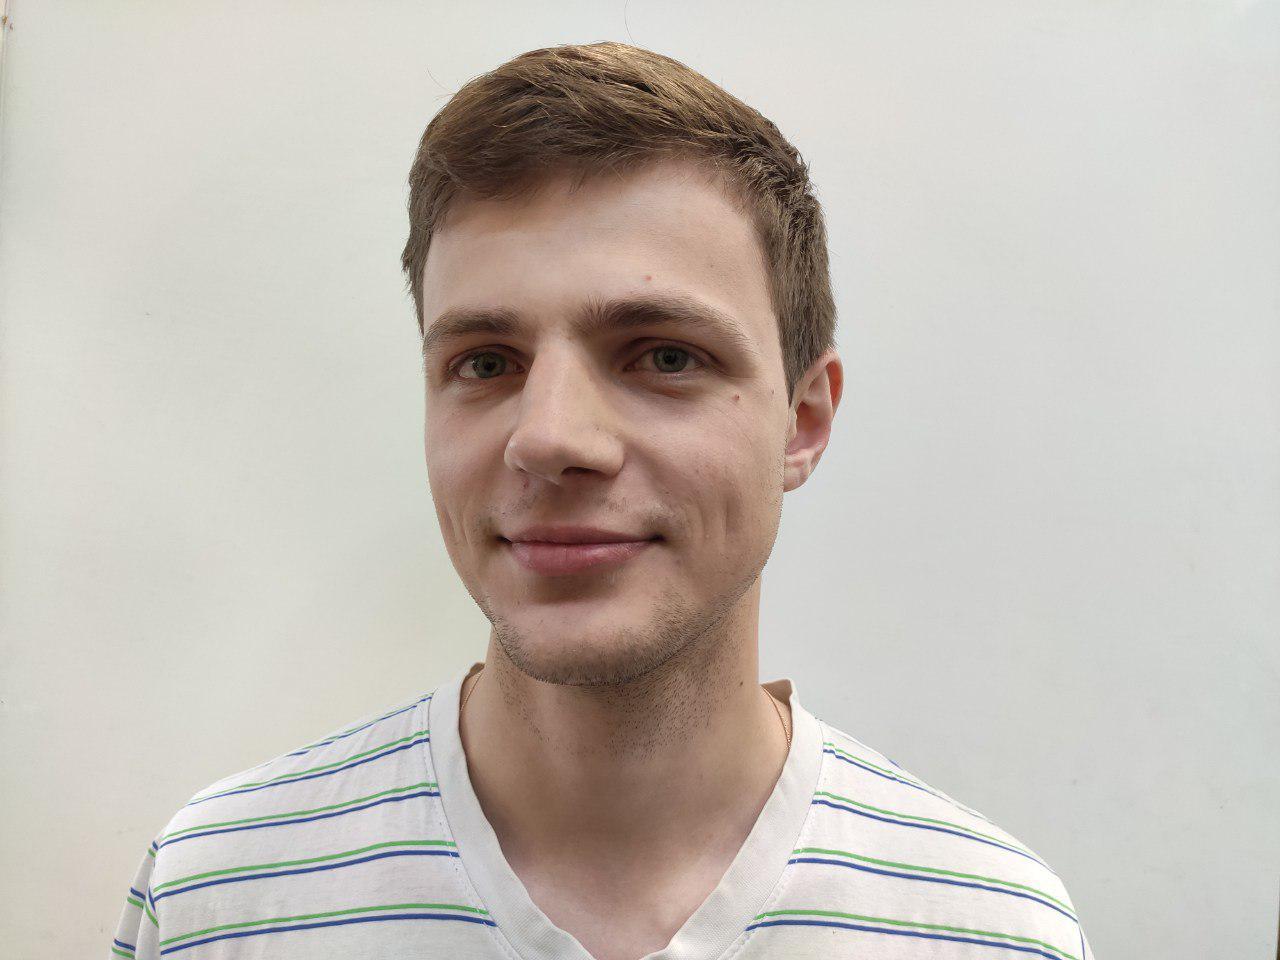 Топалов Илья.jpg